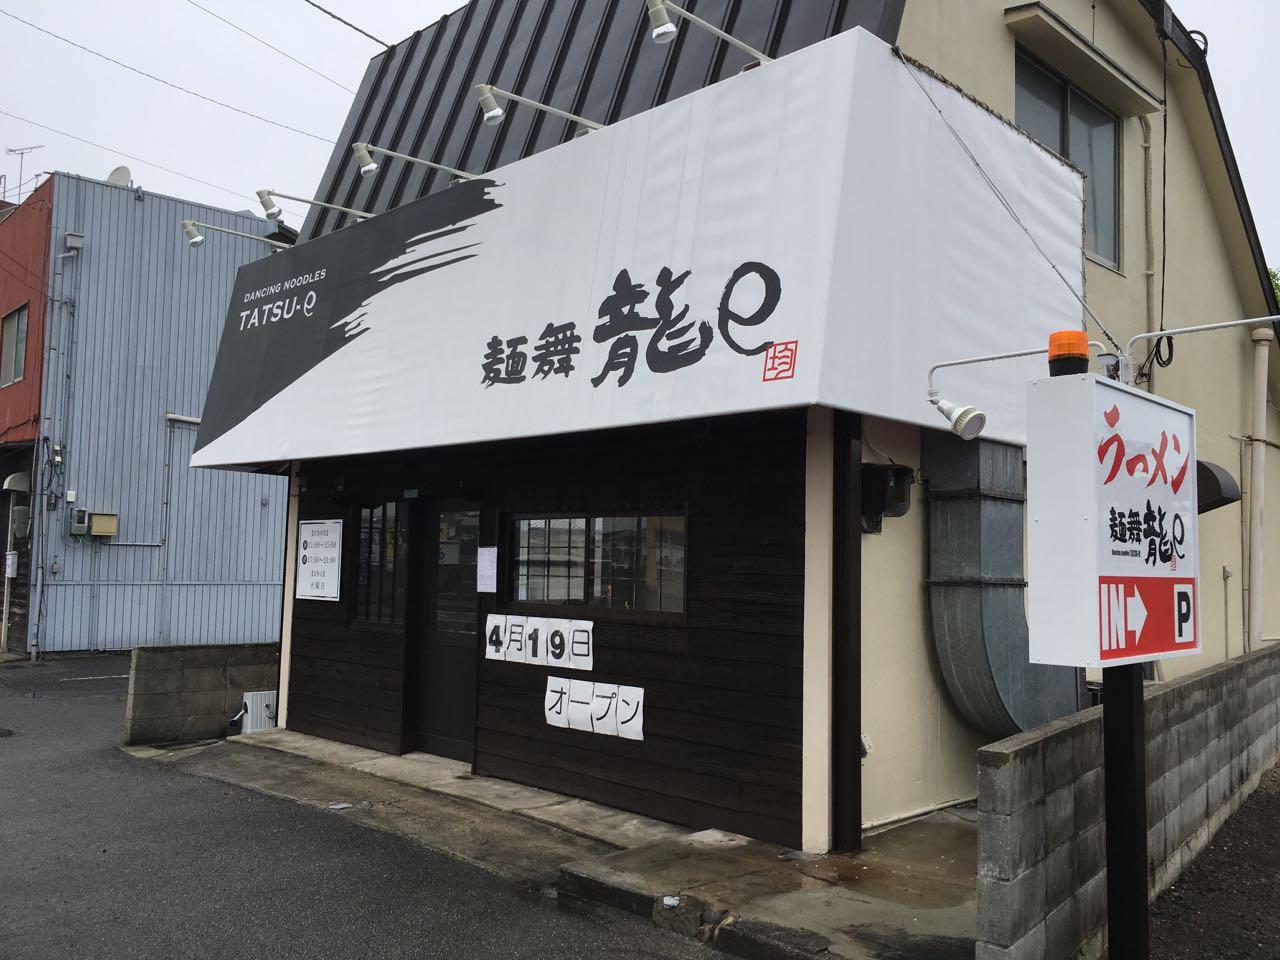 みとん今治,麺舞龍e,めんぶたつえ,東鳥生町,ラーメン